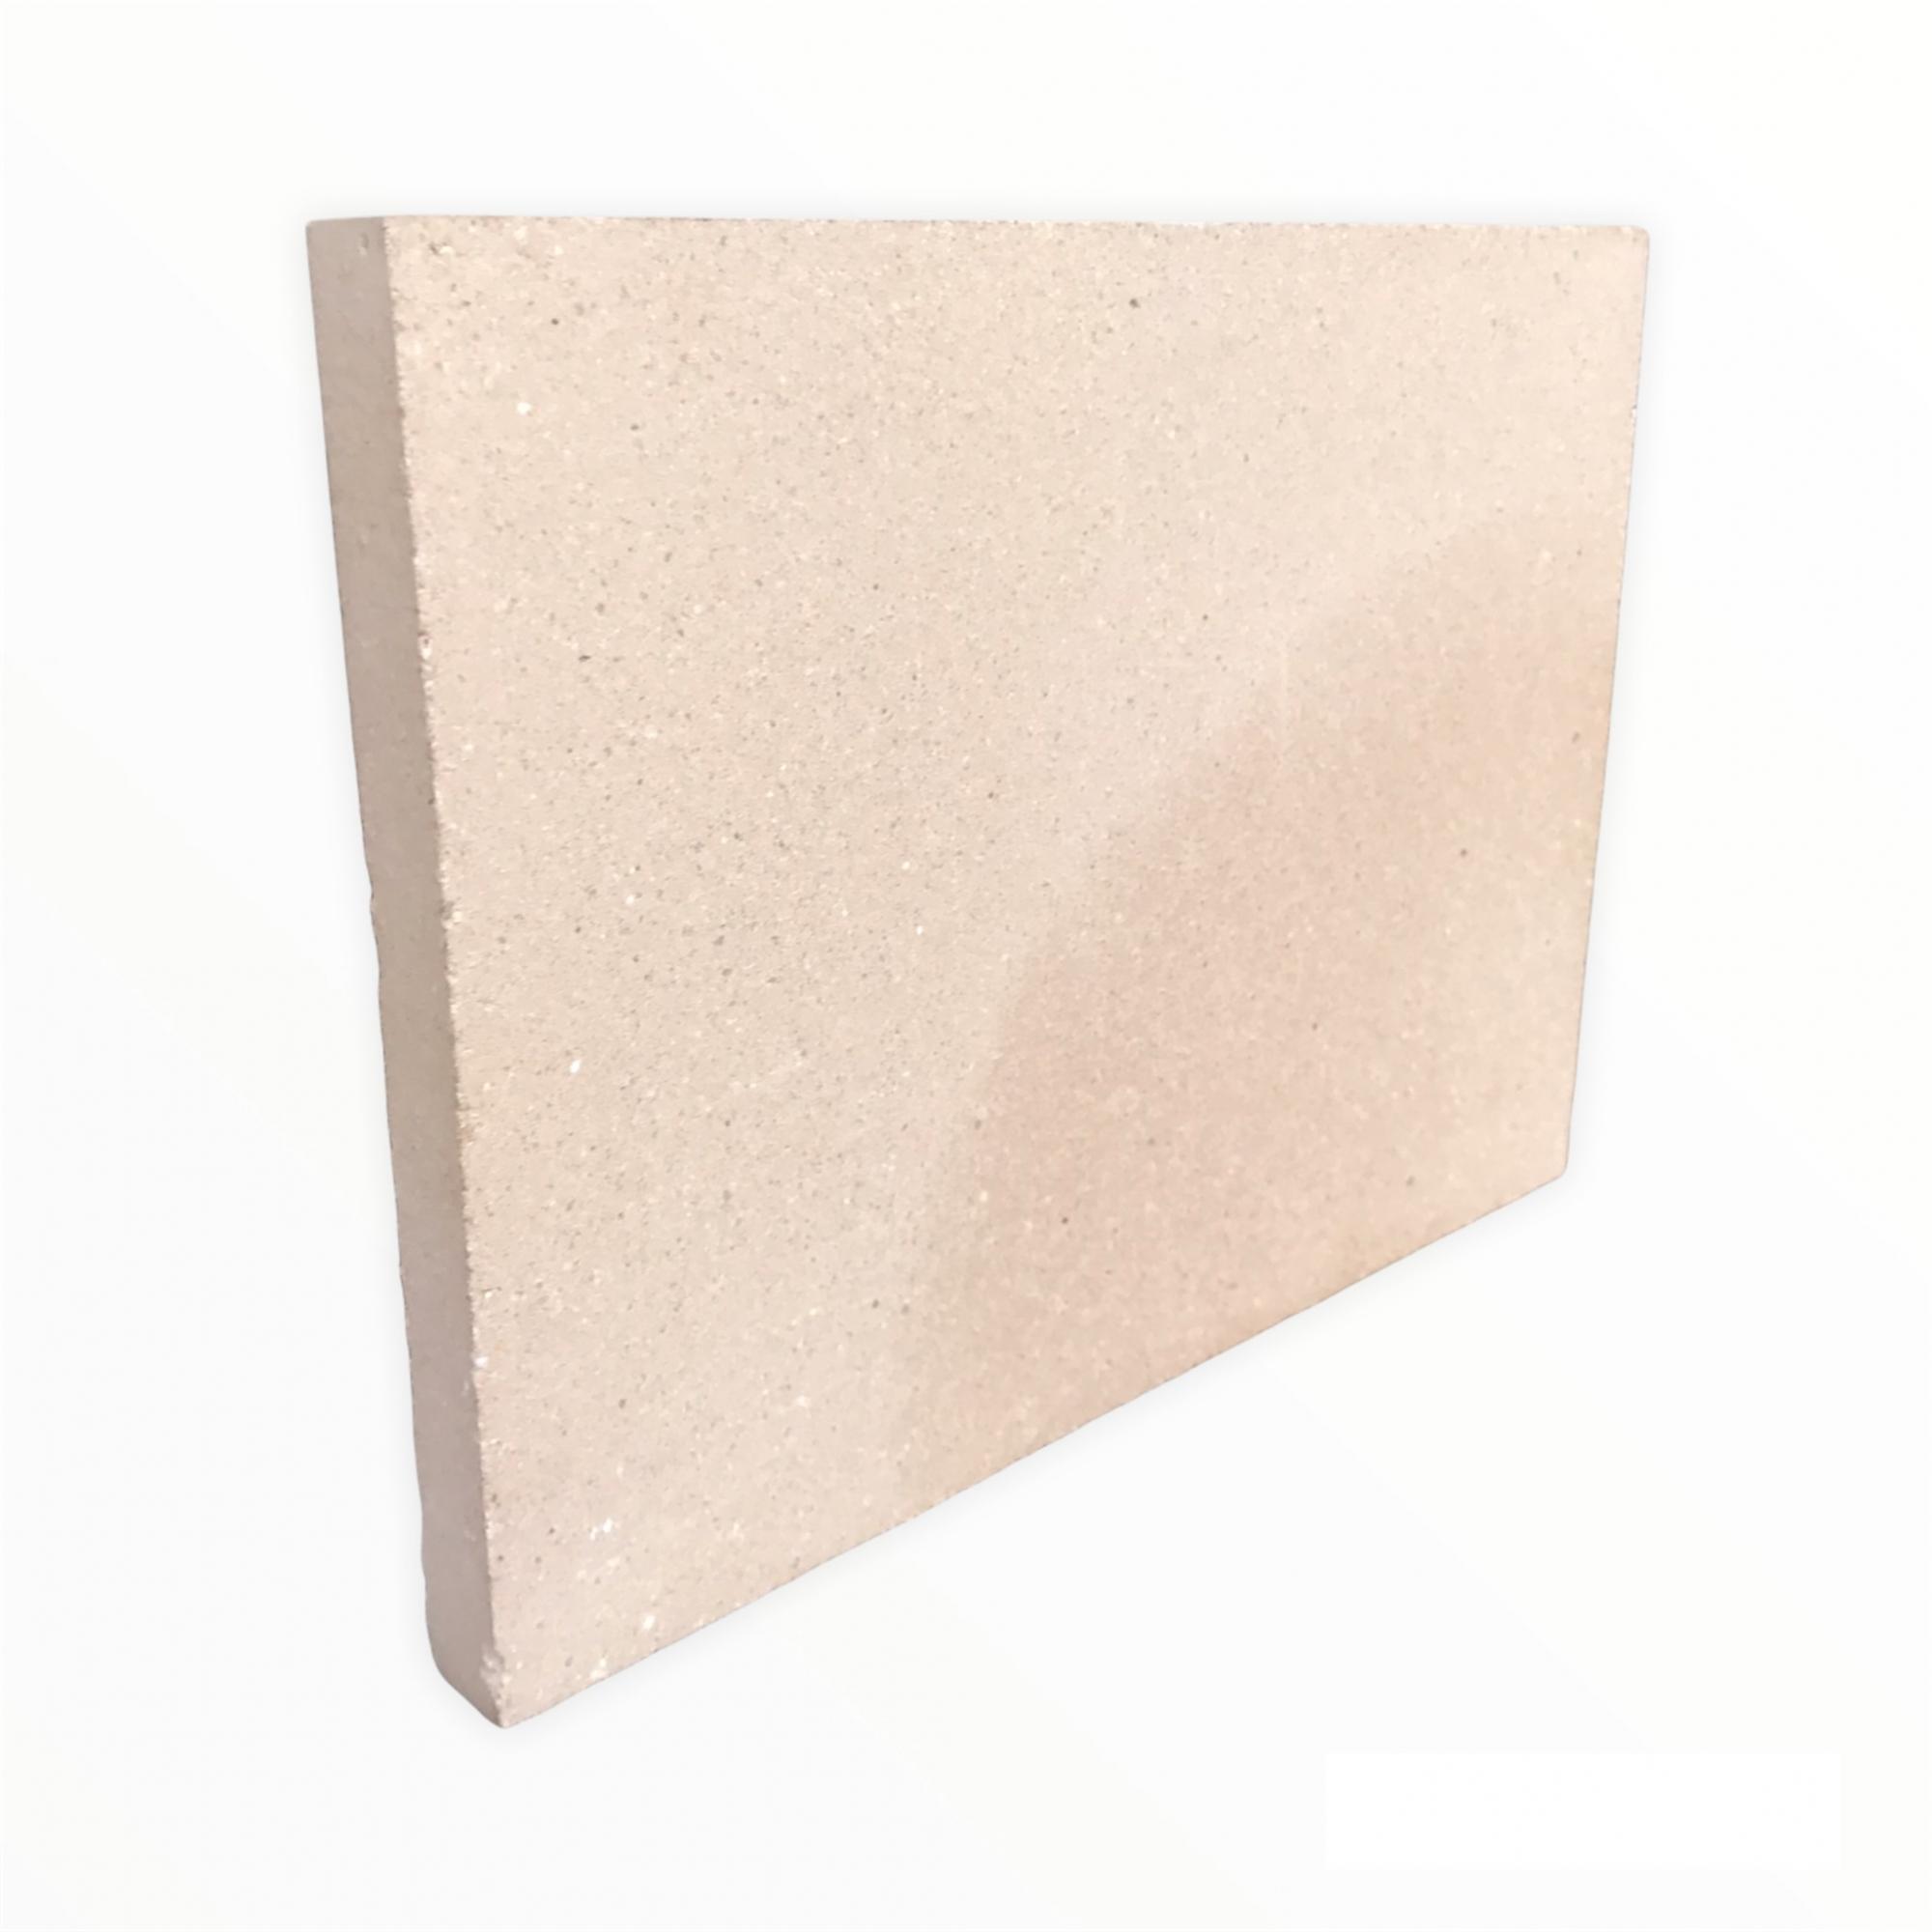 Placa Pedra Refratária 30 x 40 cm